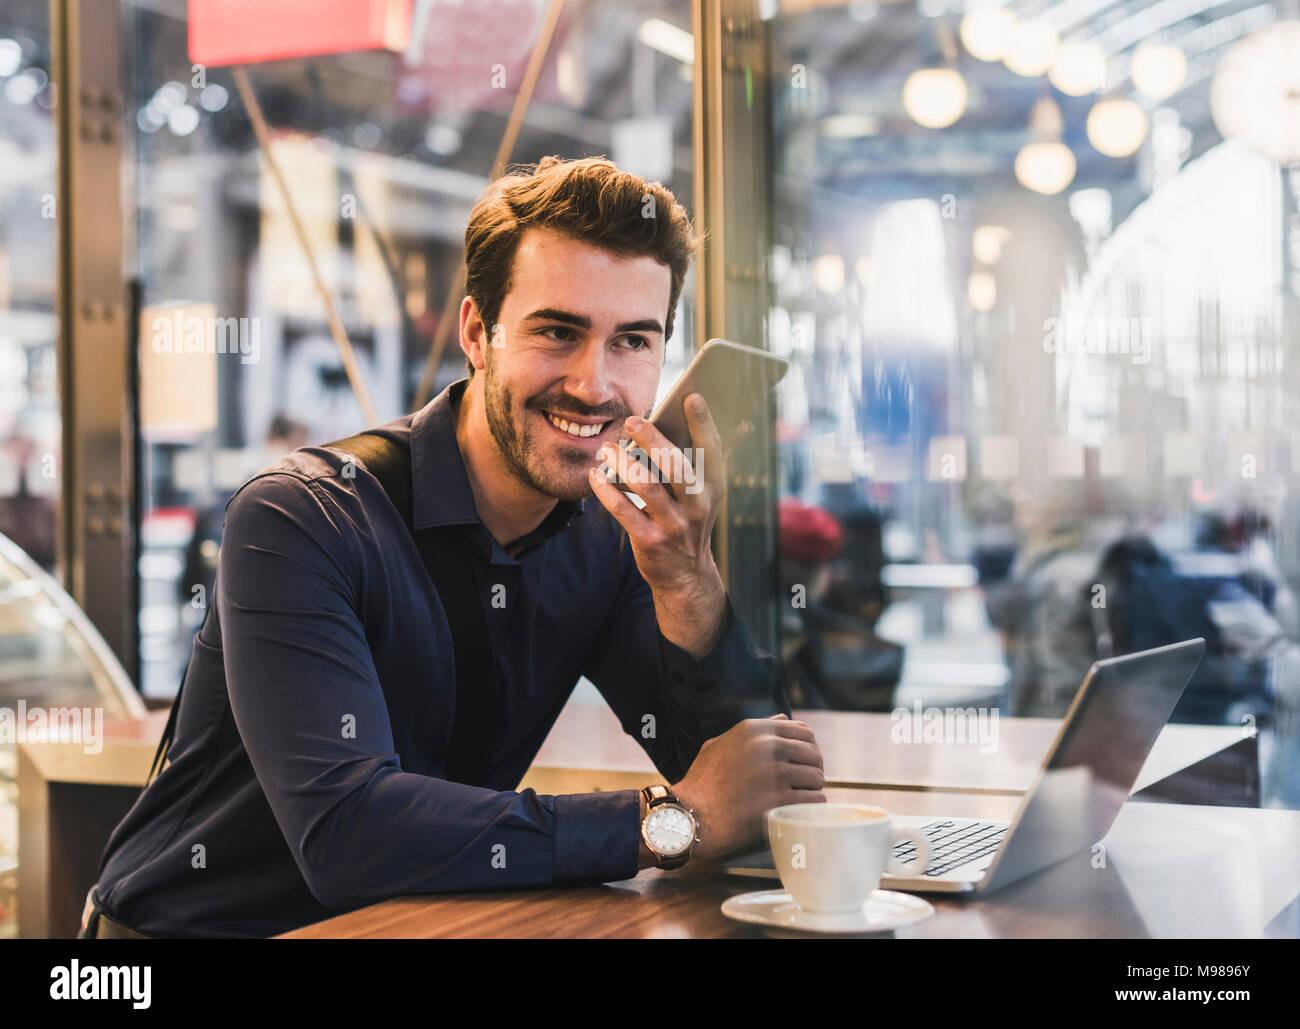 Sonriente joven empresario en un café en la estación de tren con teléfono móvil y portátil Imagen De Stock